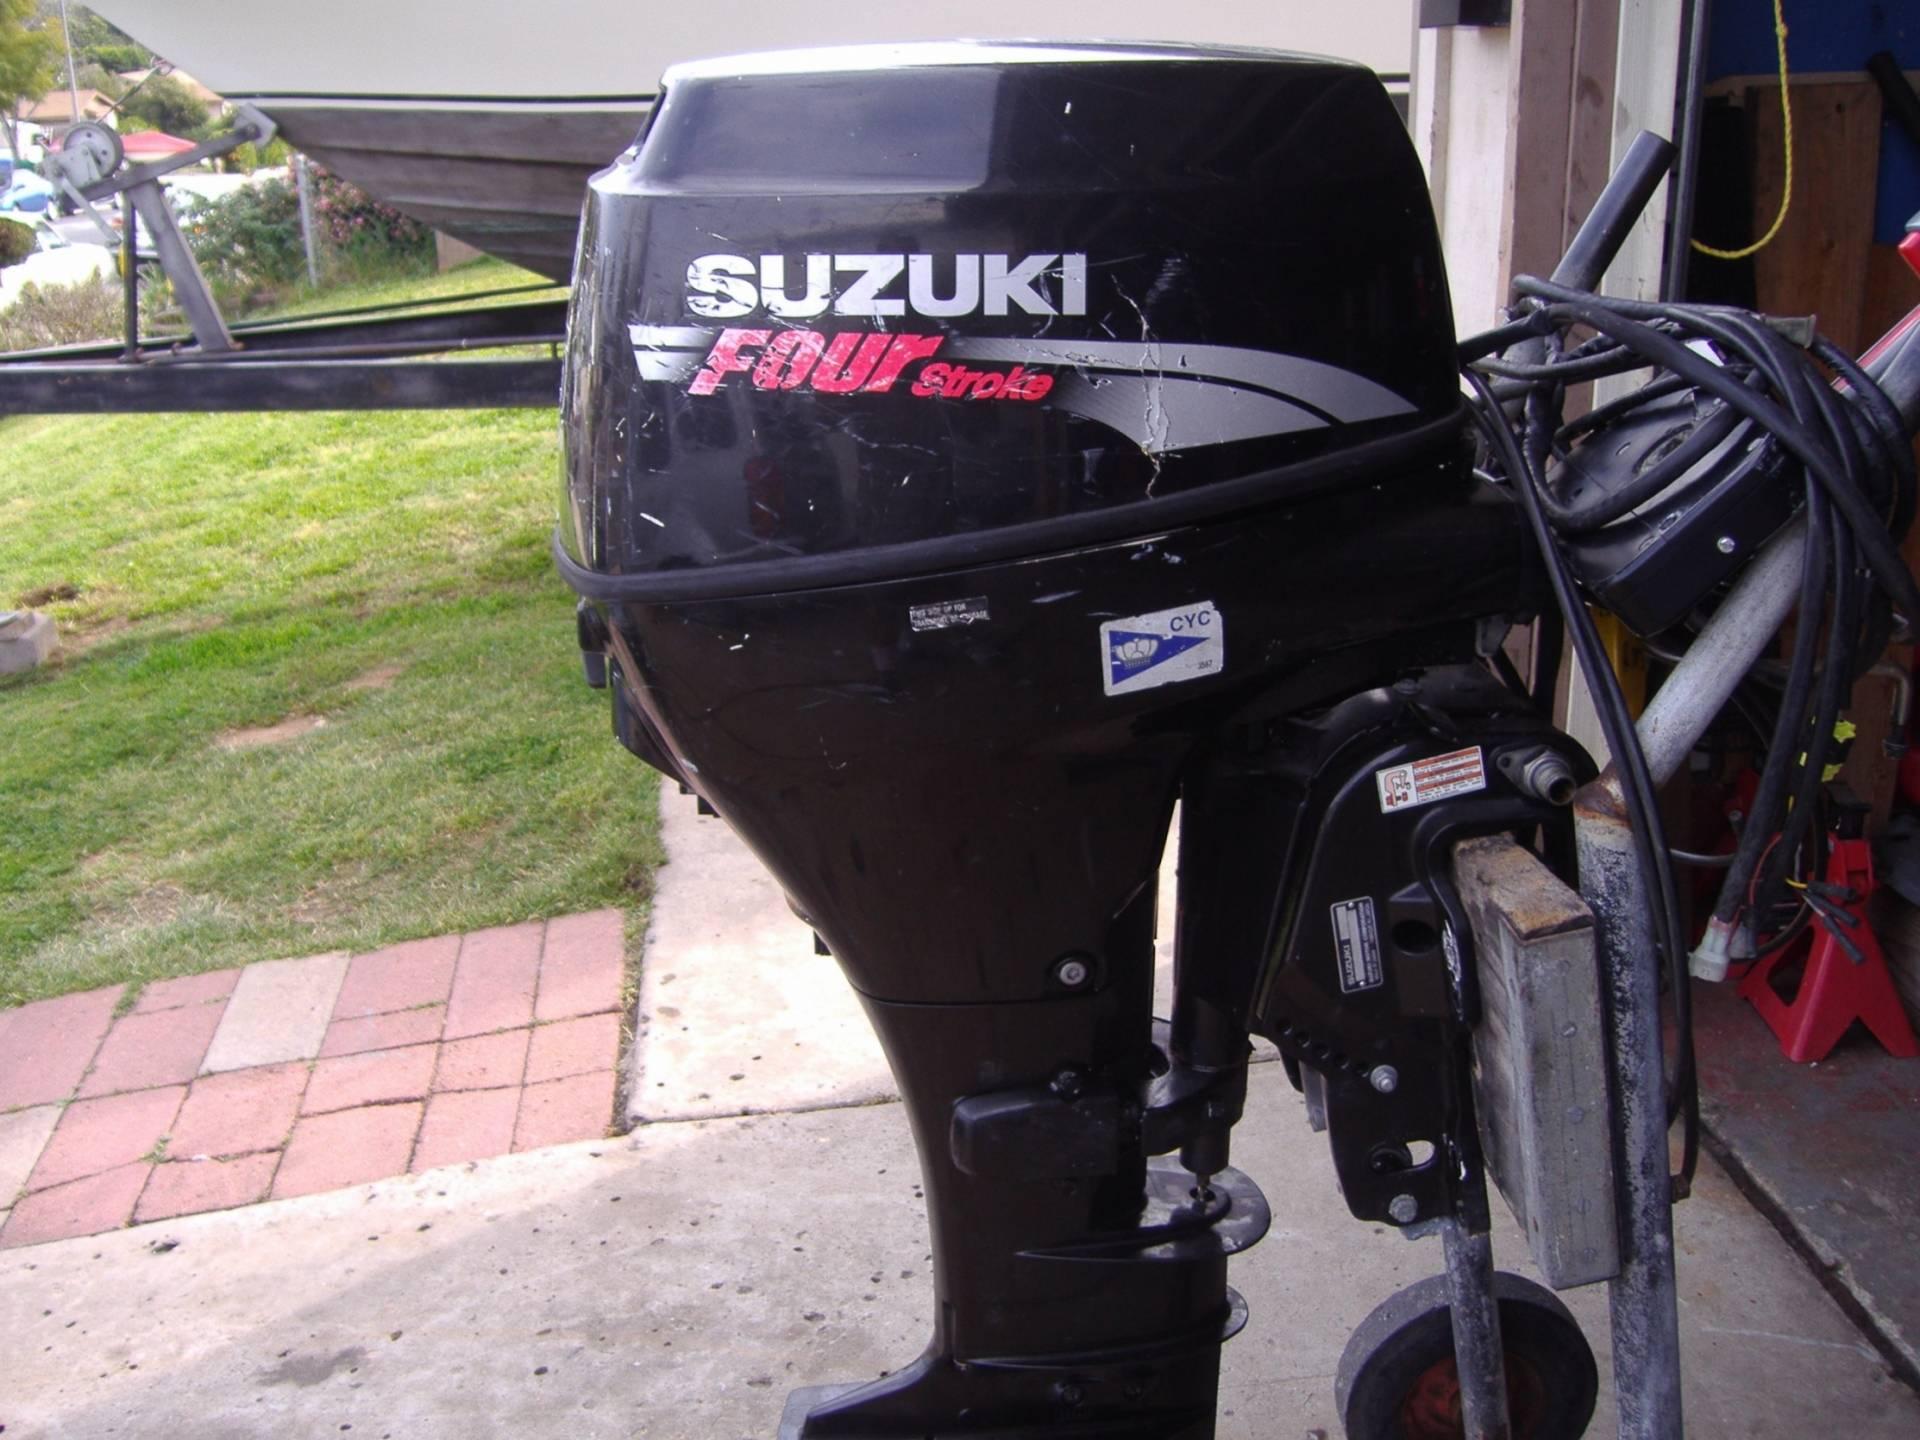 outboard 25 h.p. suzuki 4 stroke   bloodydecks